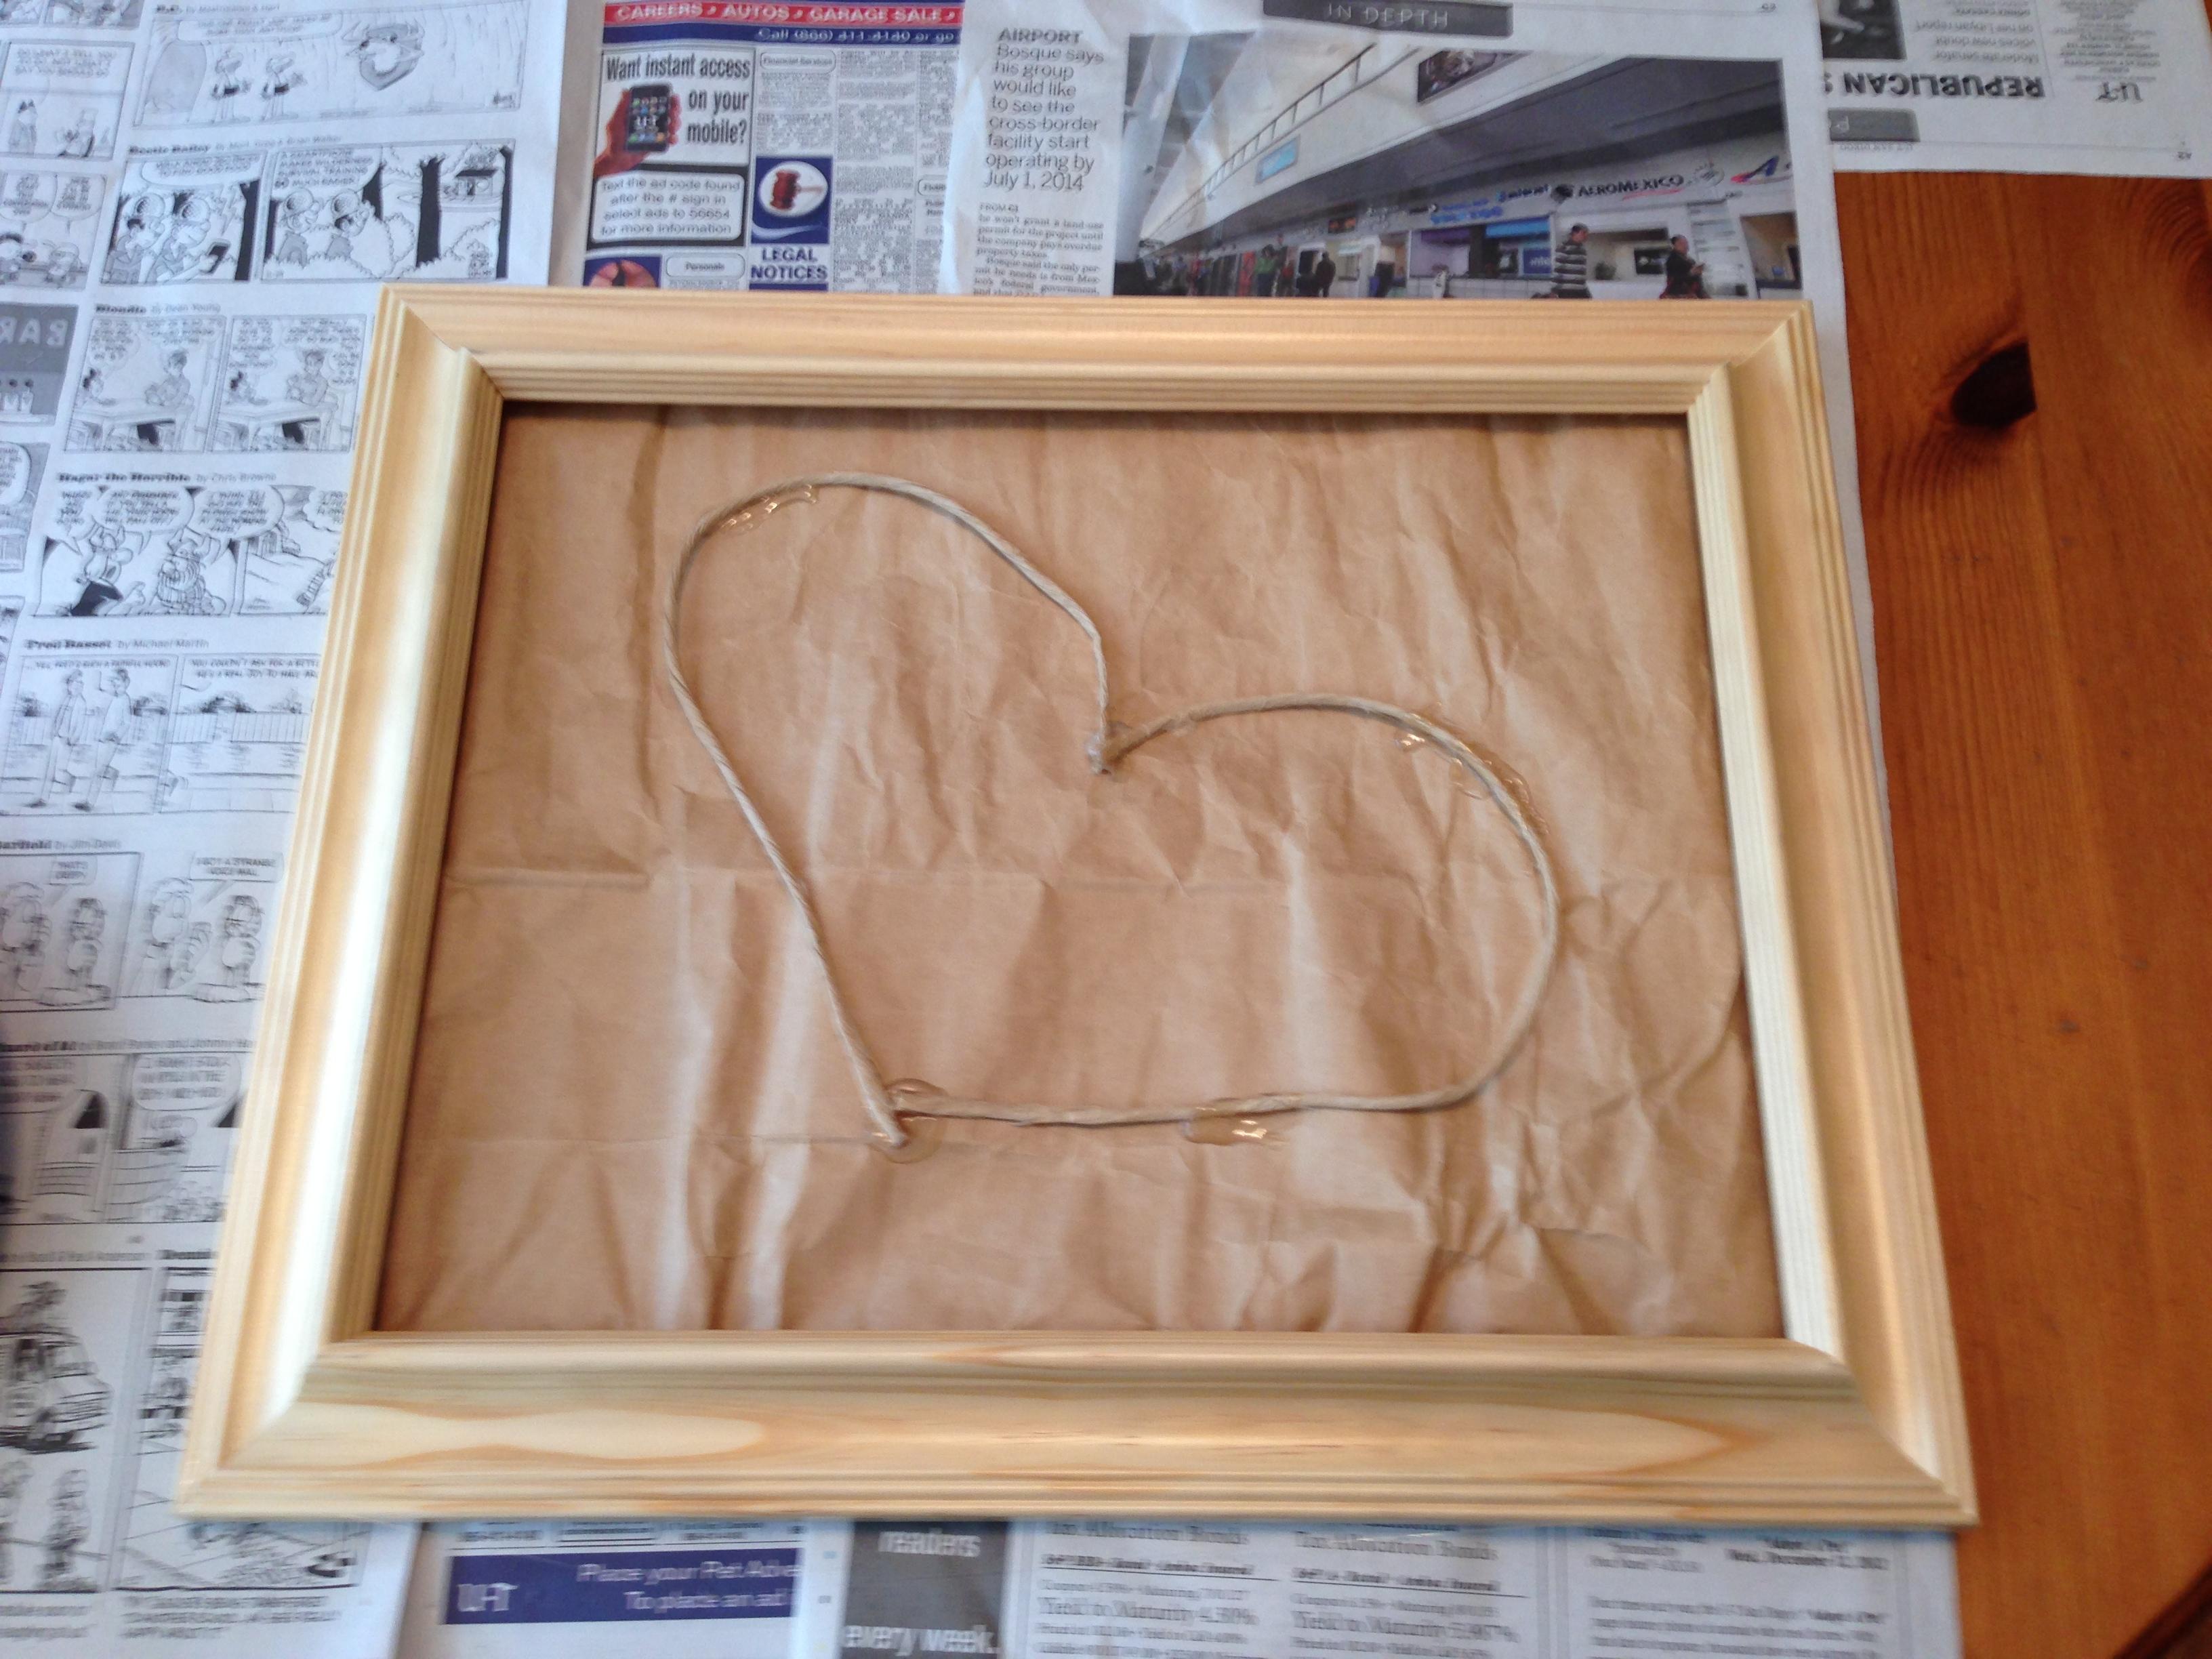 Looks kinda like a heart I guess.